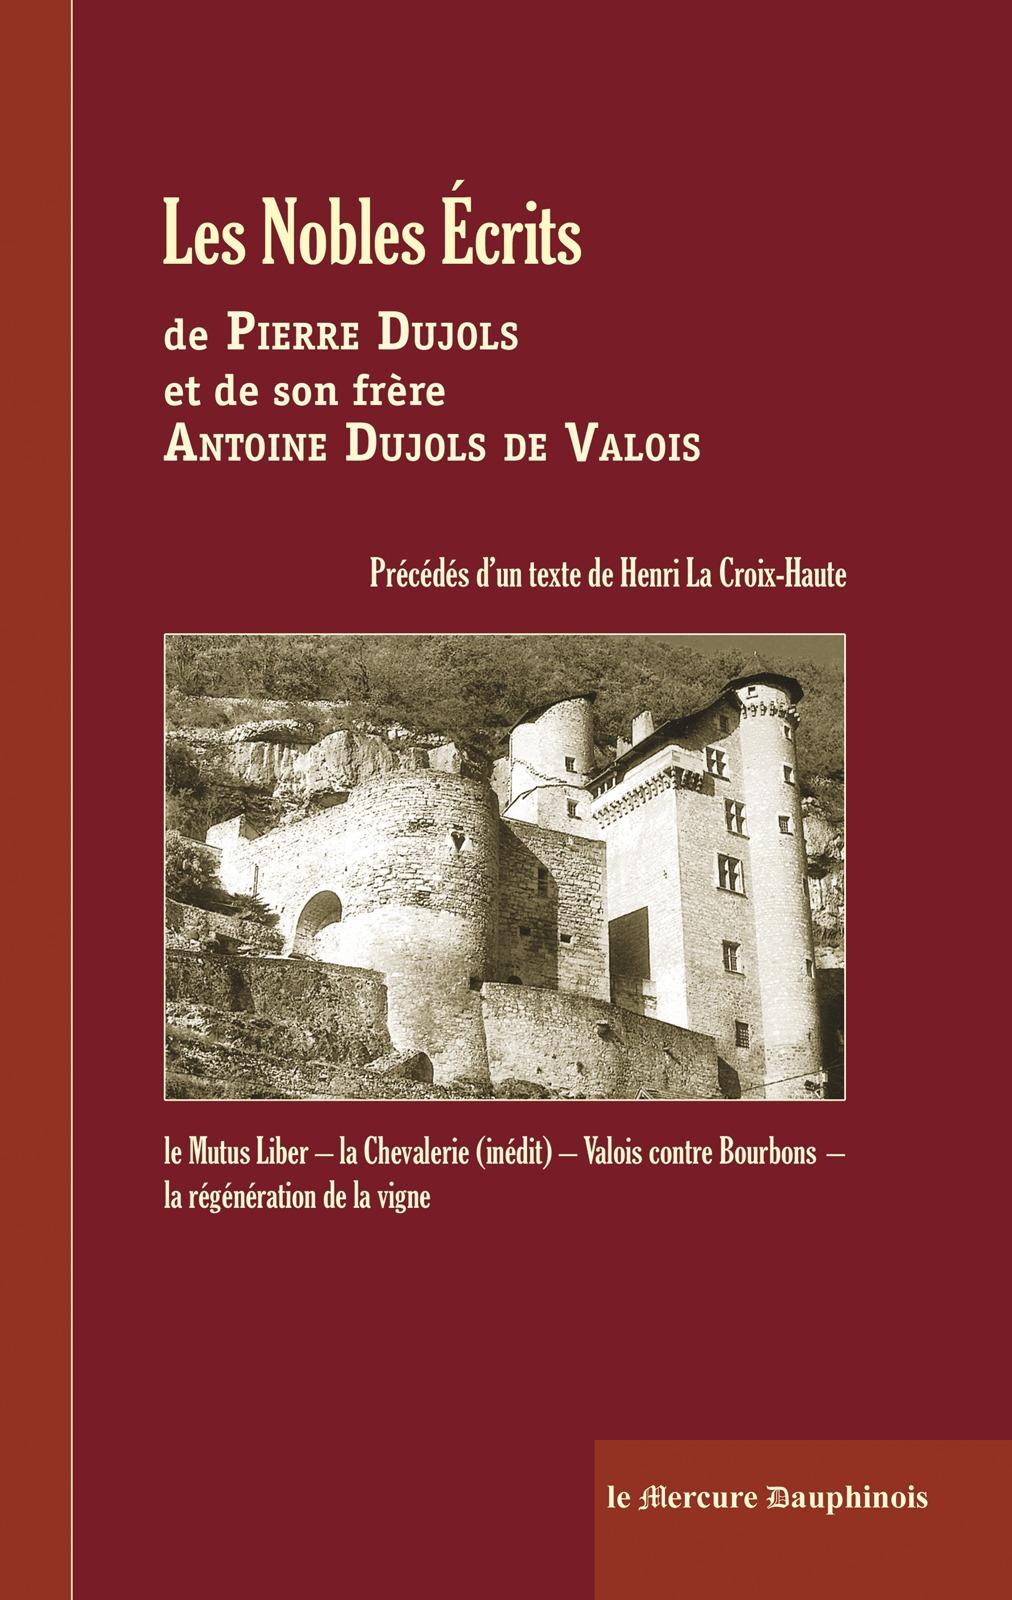 Pierre Dujols Les Nobles Ecrits de Pierre Dujols et de son frère Antoine Dujols de Valois